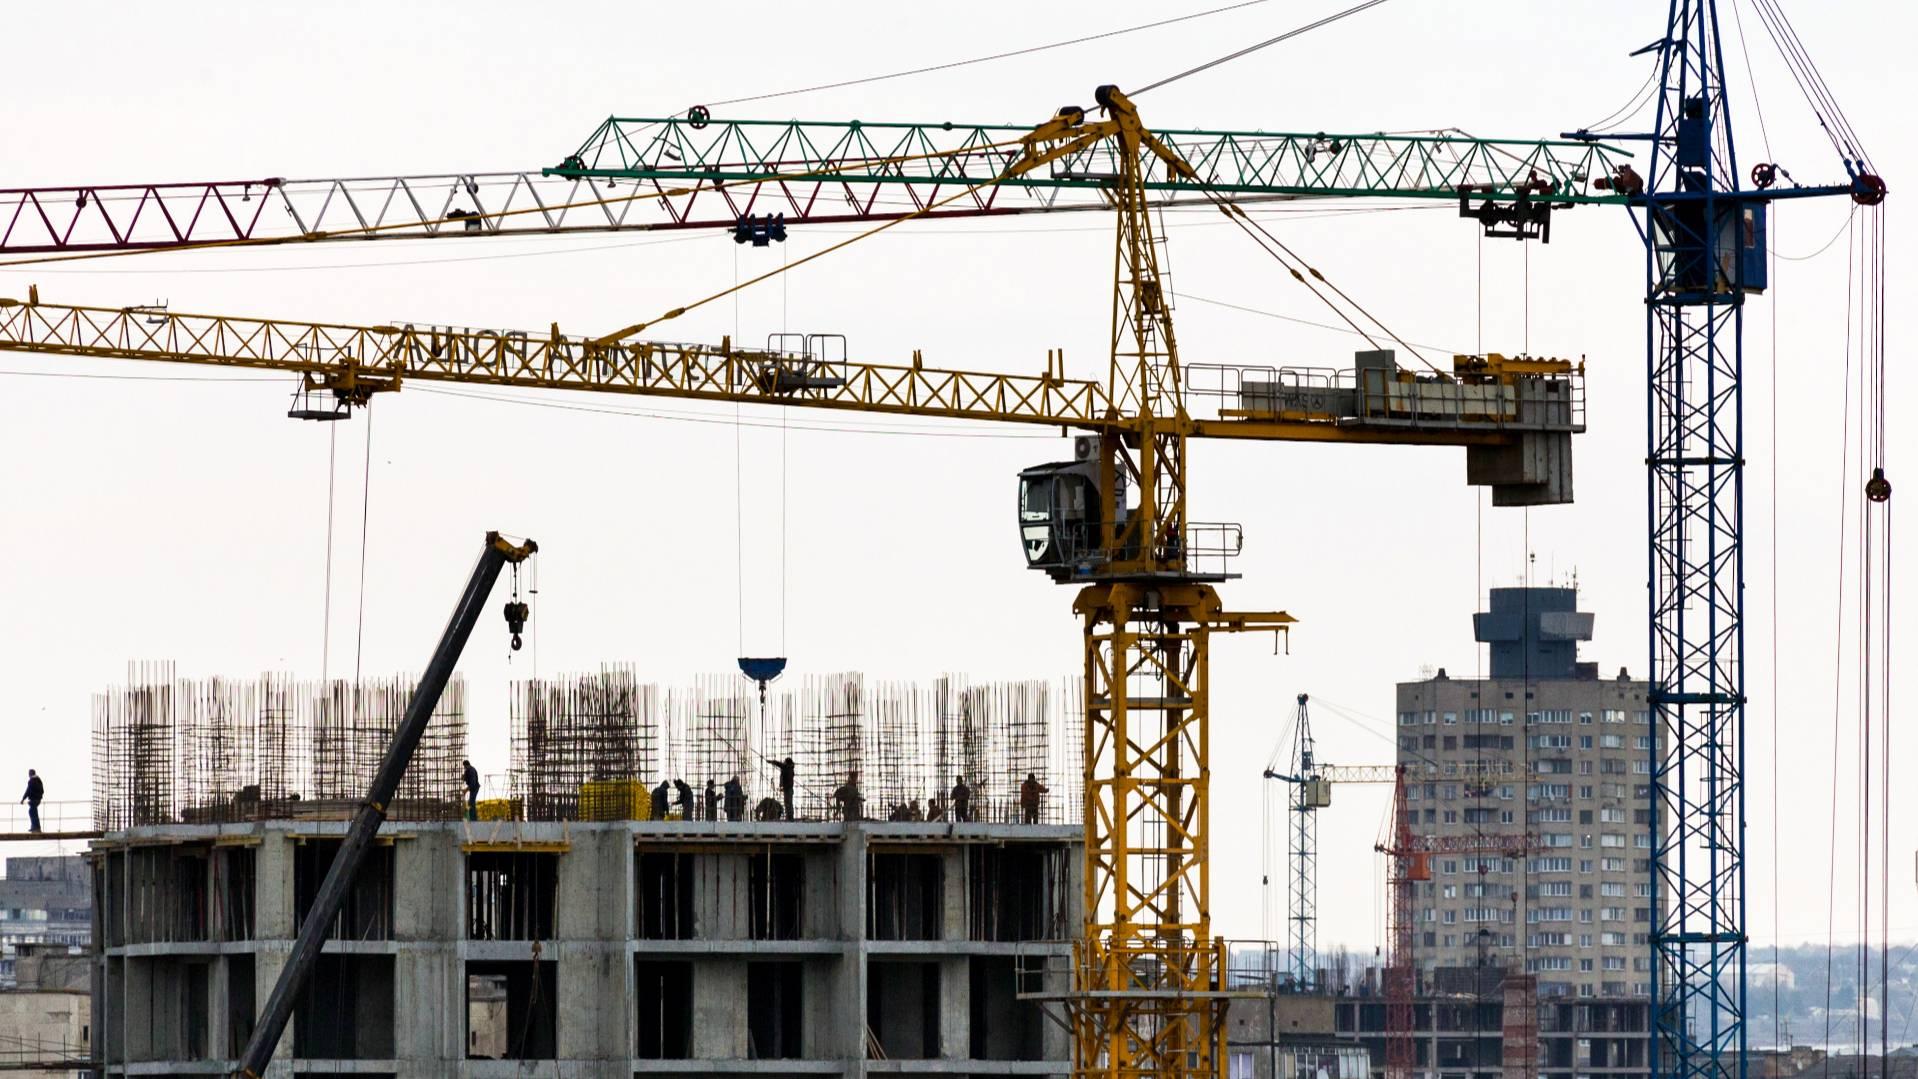 Шанс или проклятие: для кого льготная ипотека станет выгоднее, а кому помешает купить жильё